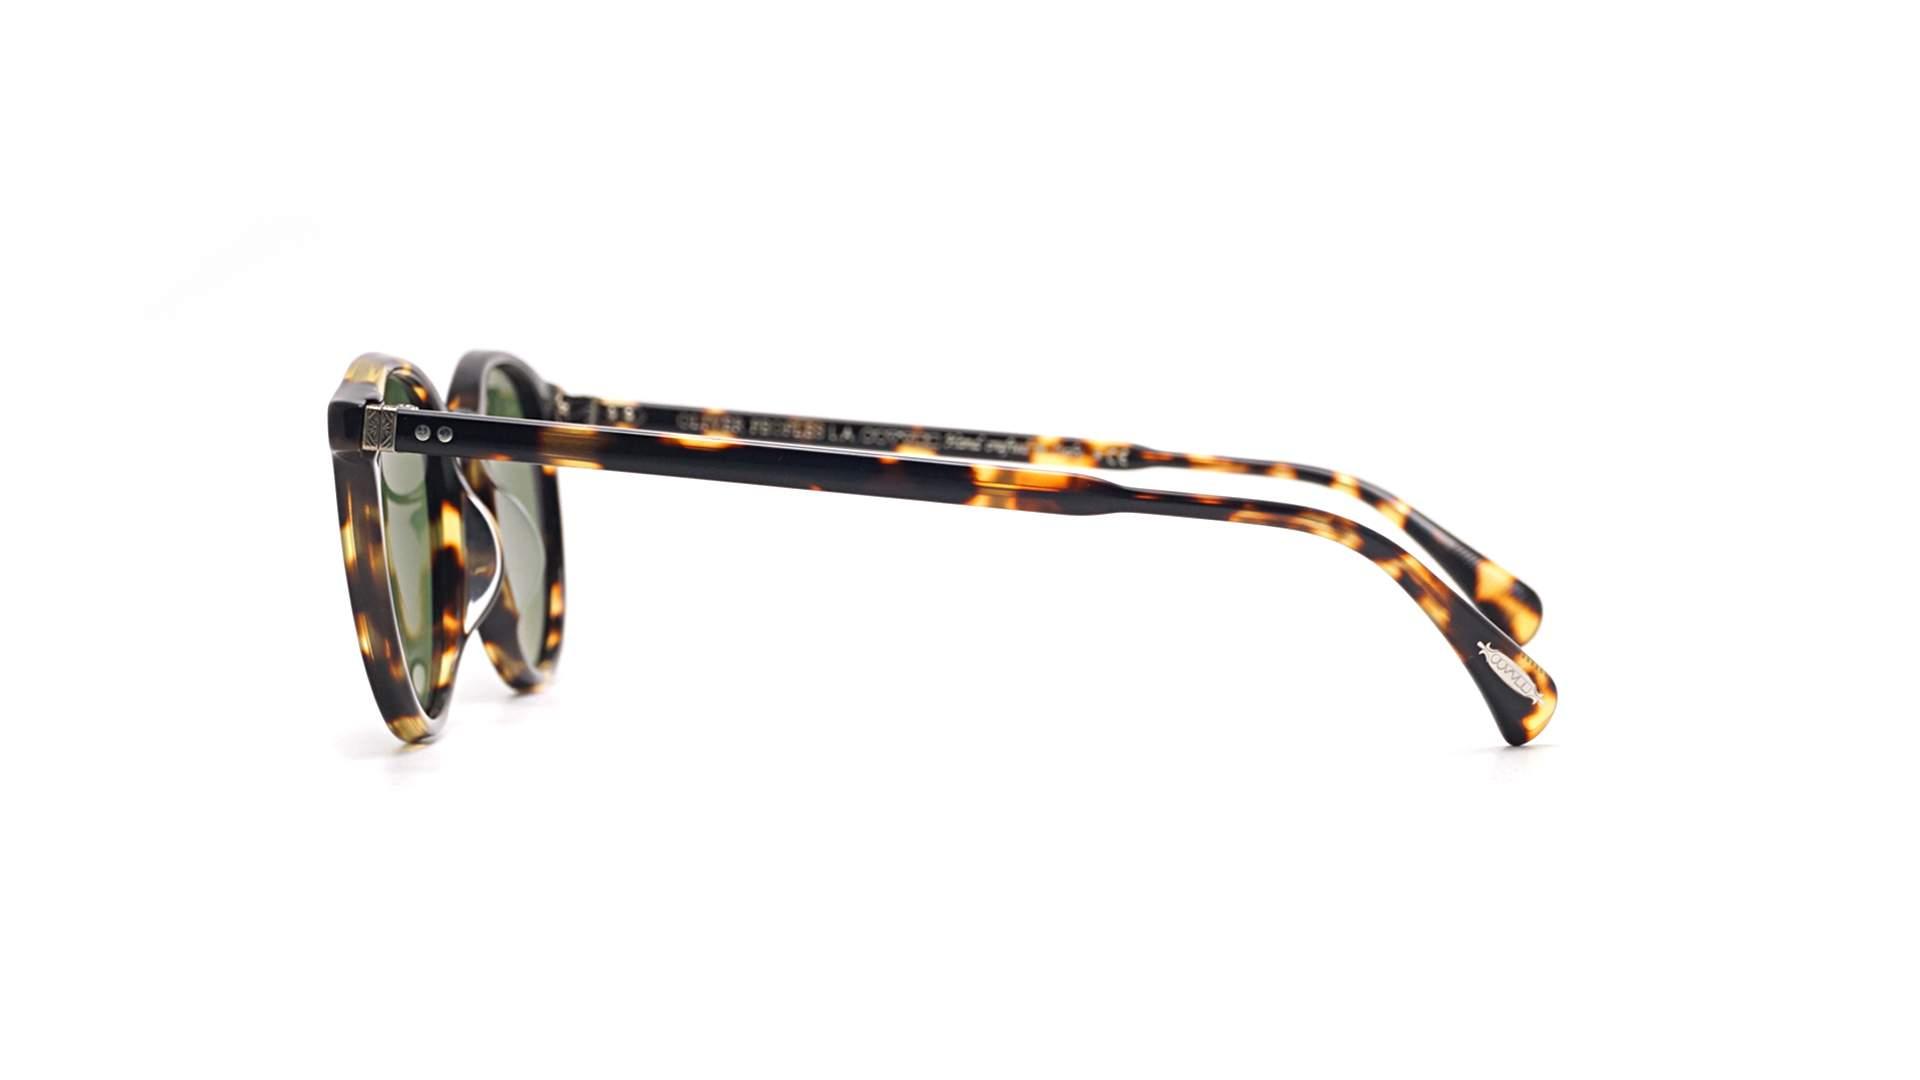 fe4cc41ca66 Sunglasses Oliver peoples Delray sun Tortoise OV5314SU 140752 48-20 Small